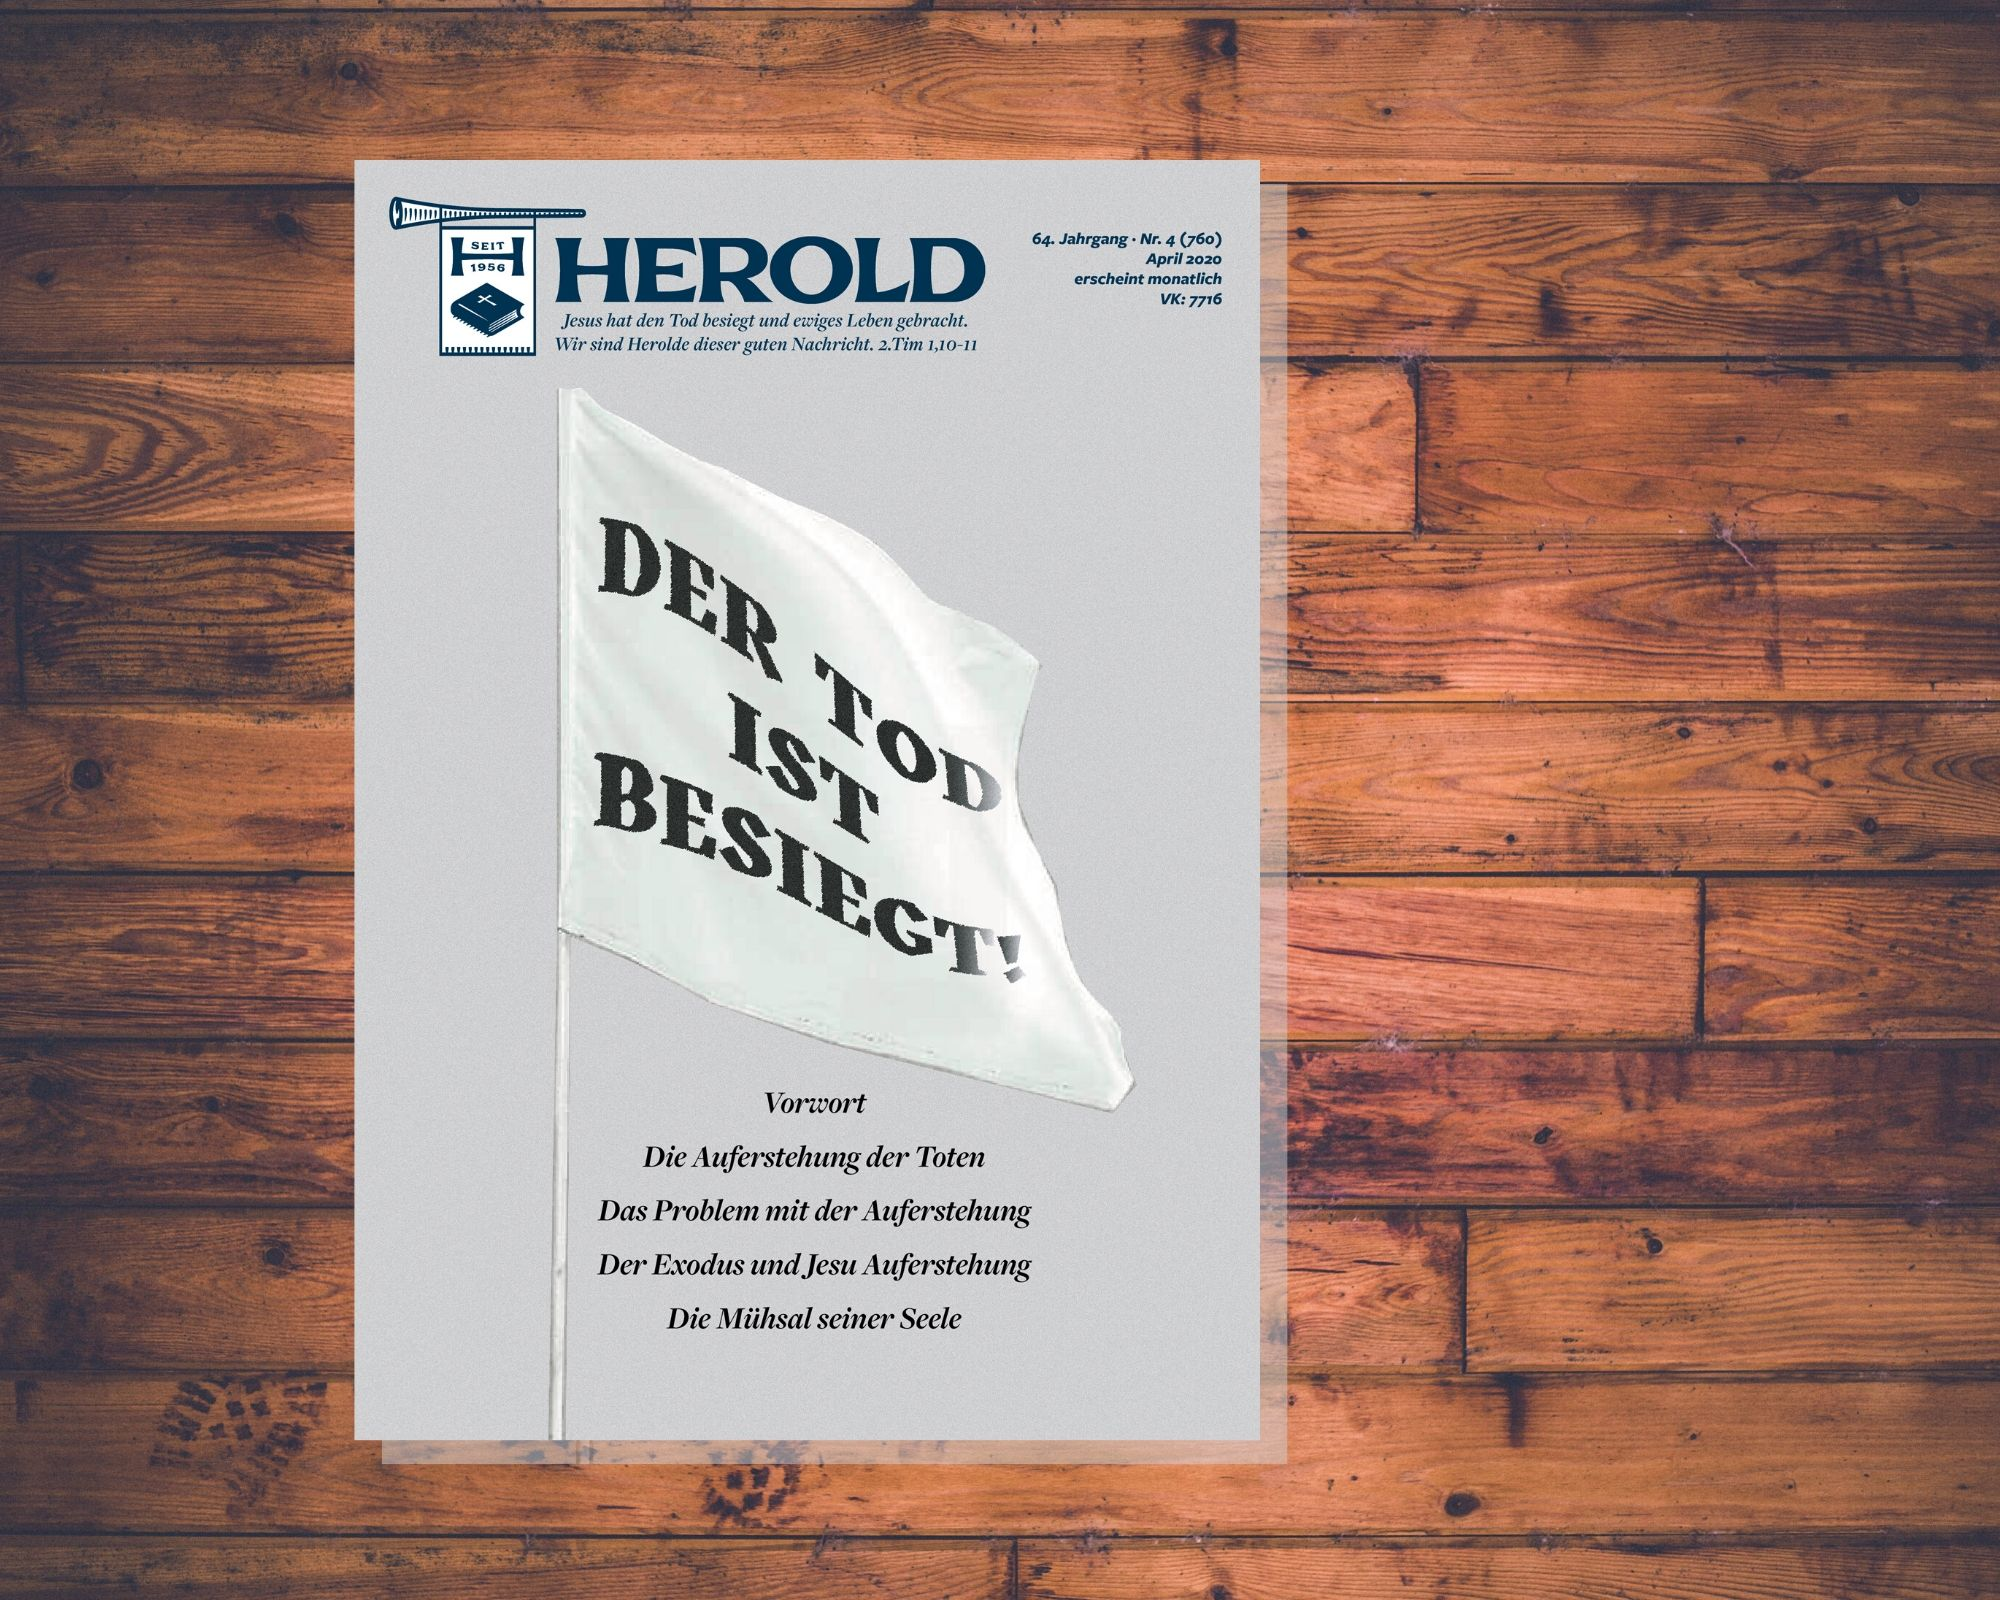 Der Tod ist besiegt – Herold April 2020